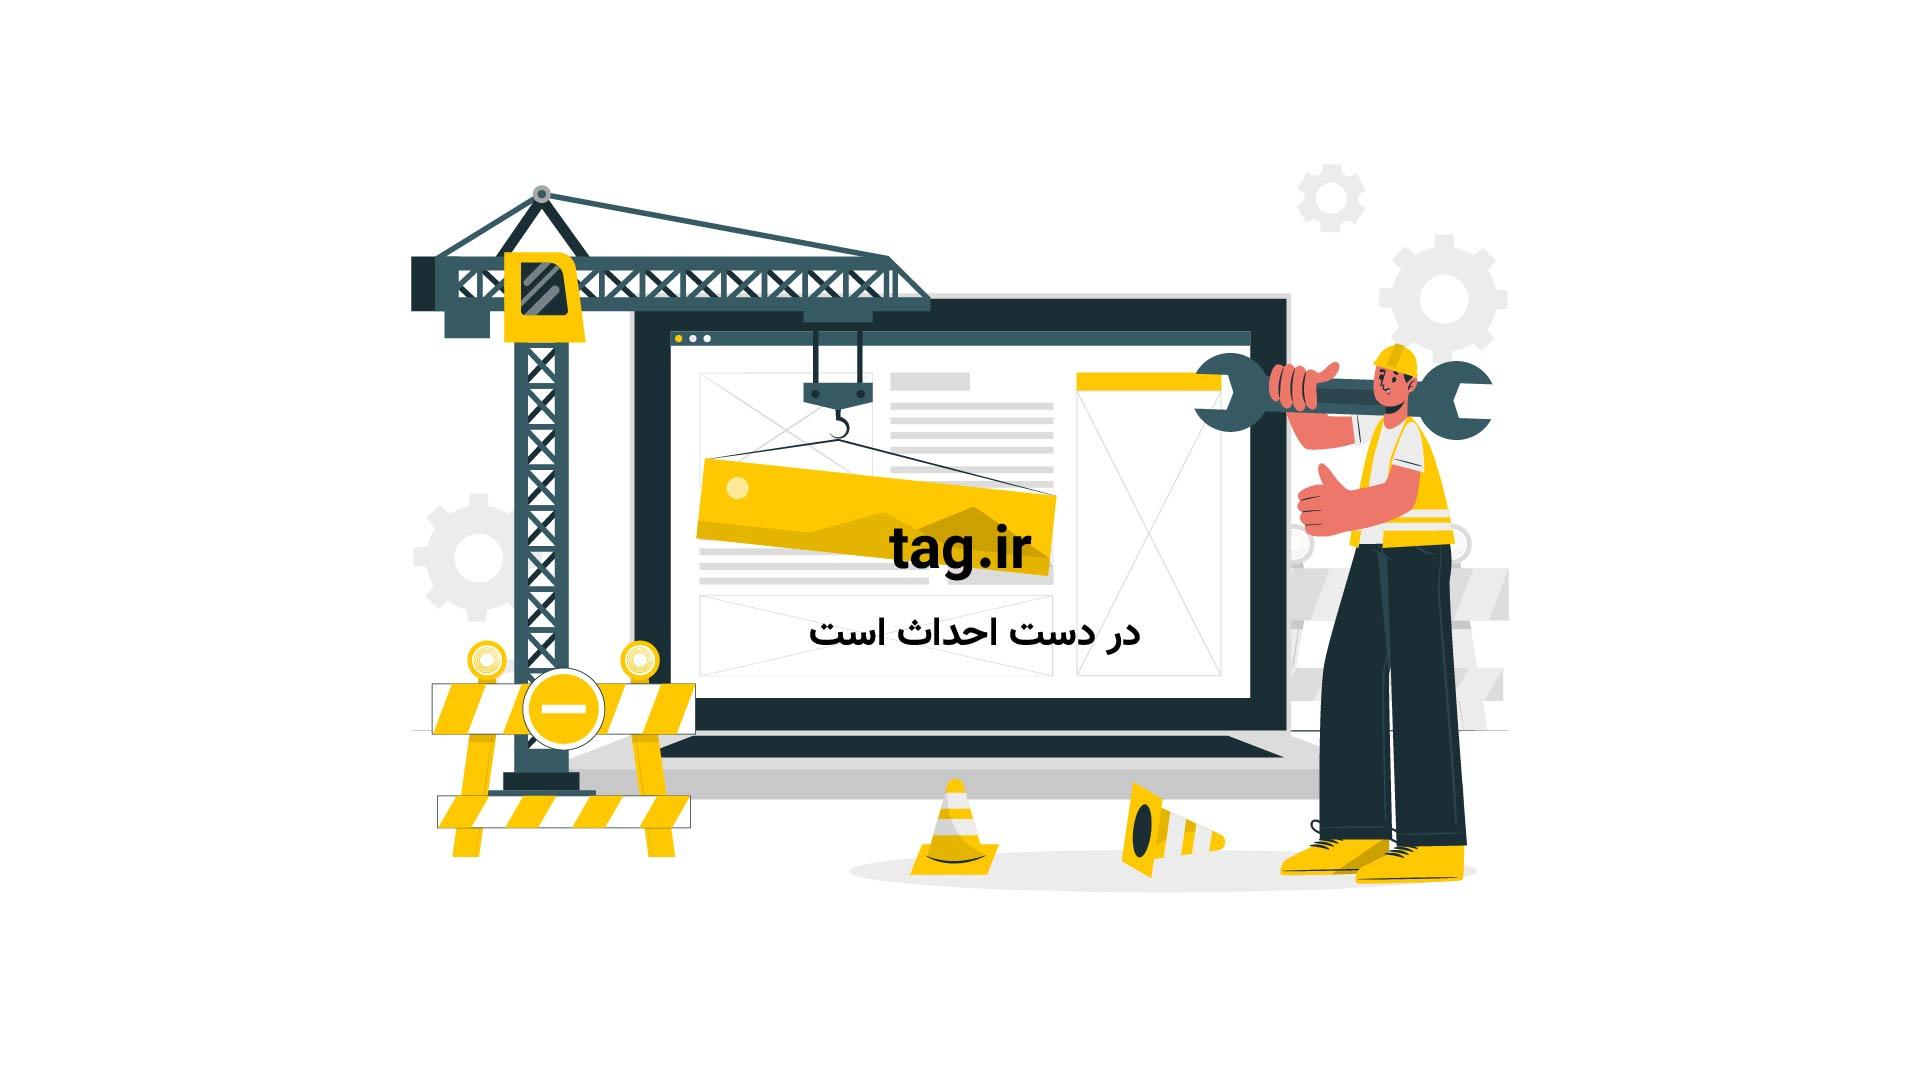 صحنههایی از زایمان حیوانات مختلف در حیات وحش   فیلم